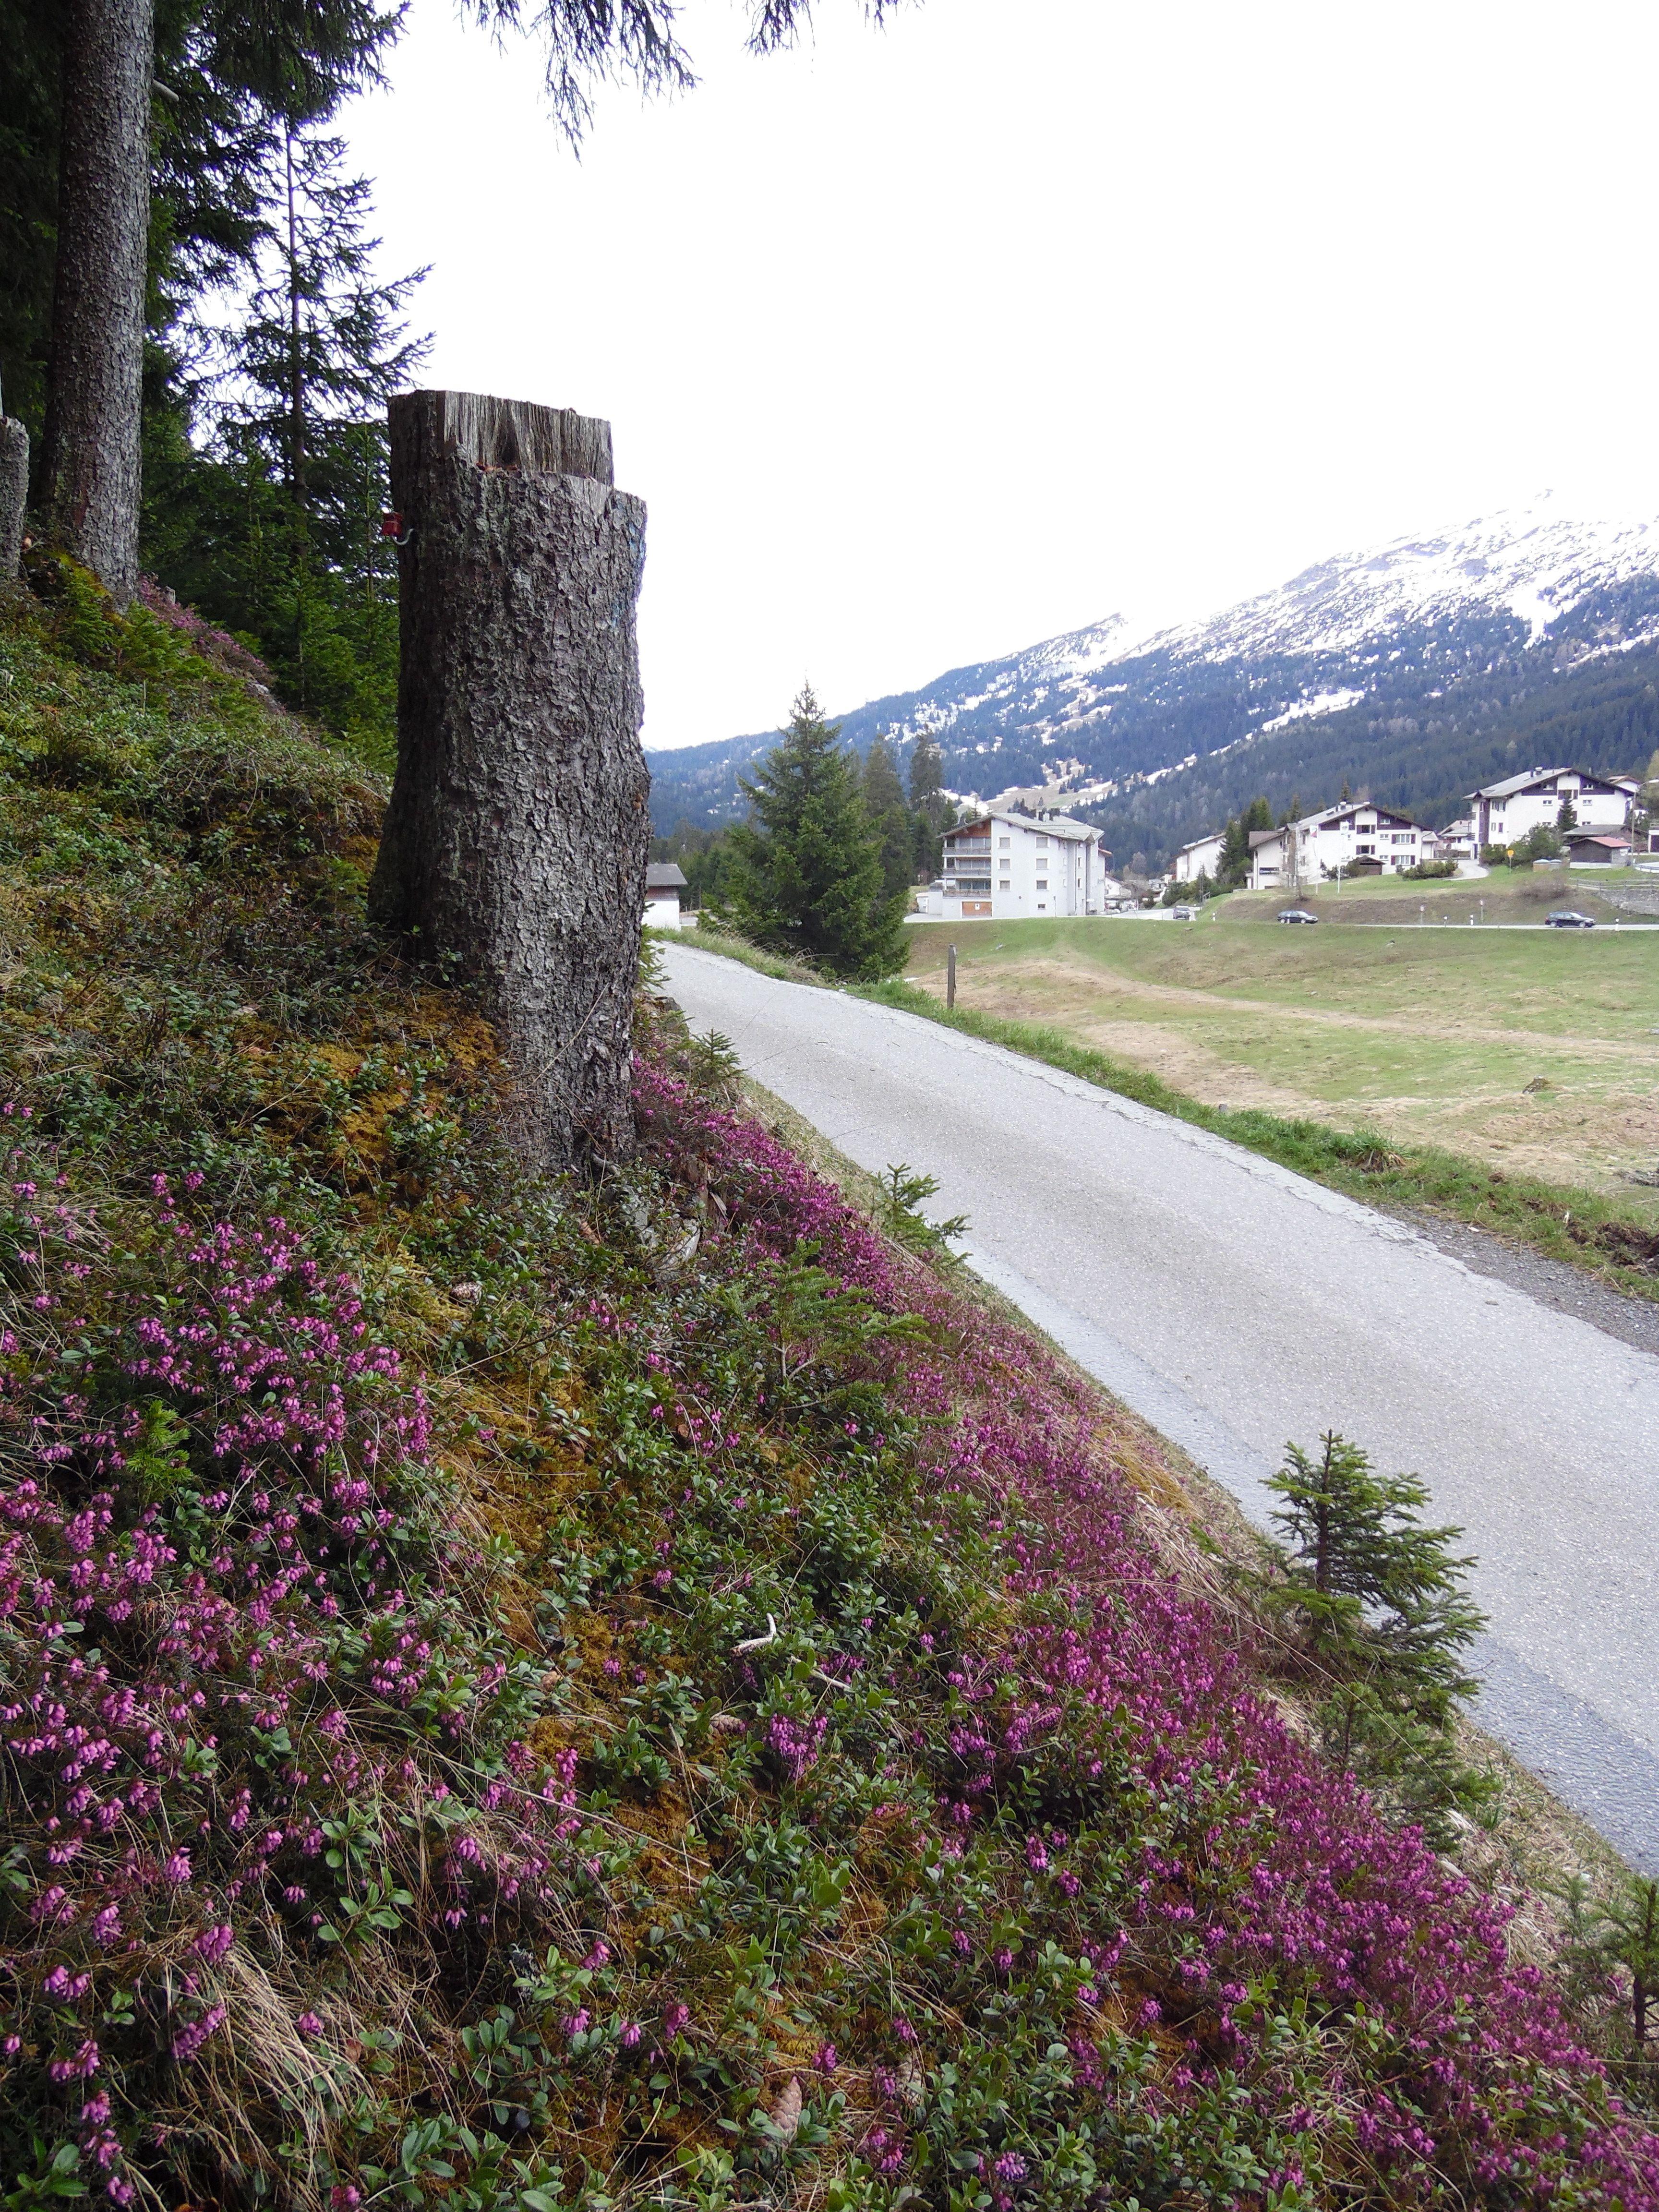 Die Lenzerheide wird zu Recht als Wanderparadies bezeichnet. Entdecke die schönsten Plätze in der herrlichen Natur der alpinen Hochebene.  www.hotelauszeit.ch www.facebook.com/hotelauszeit www.instagram.com/hotelauszeit